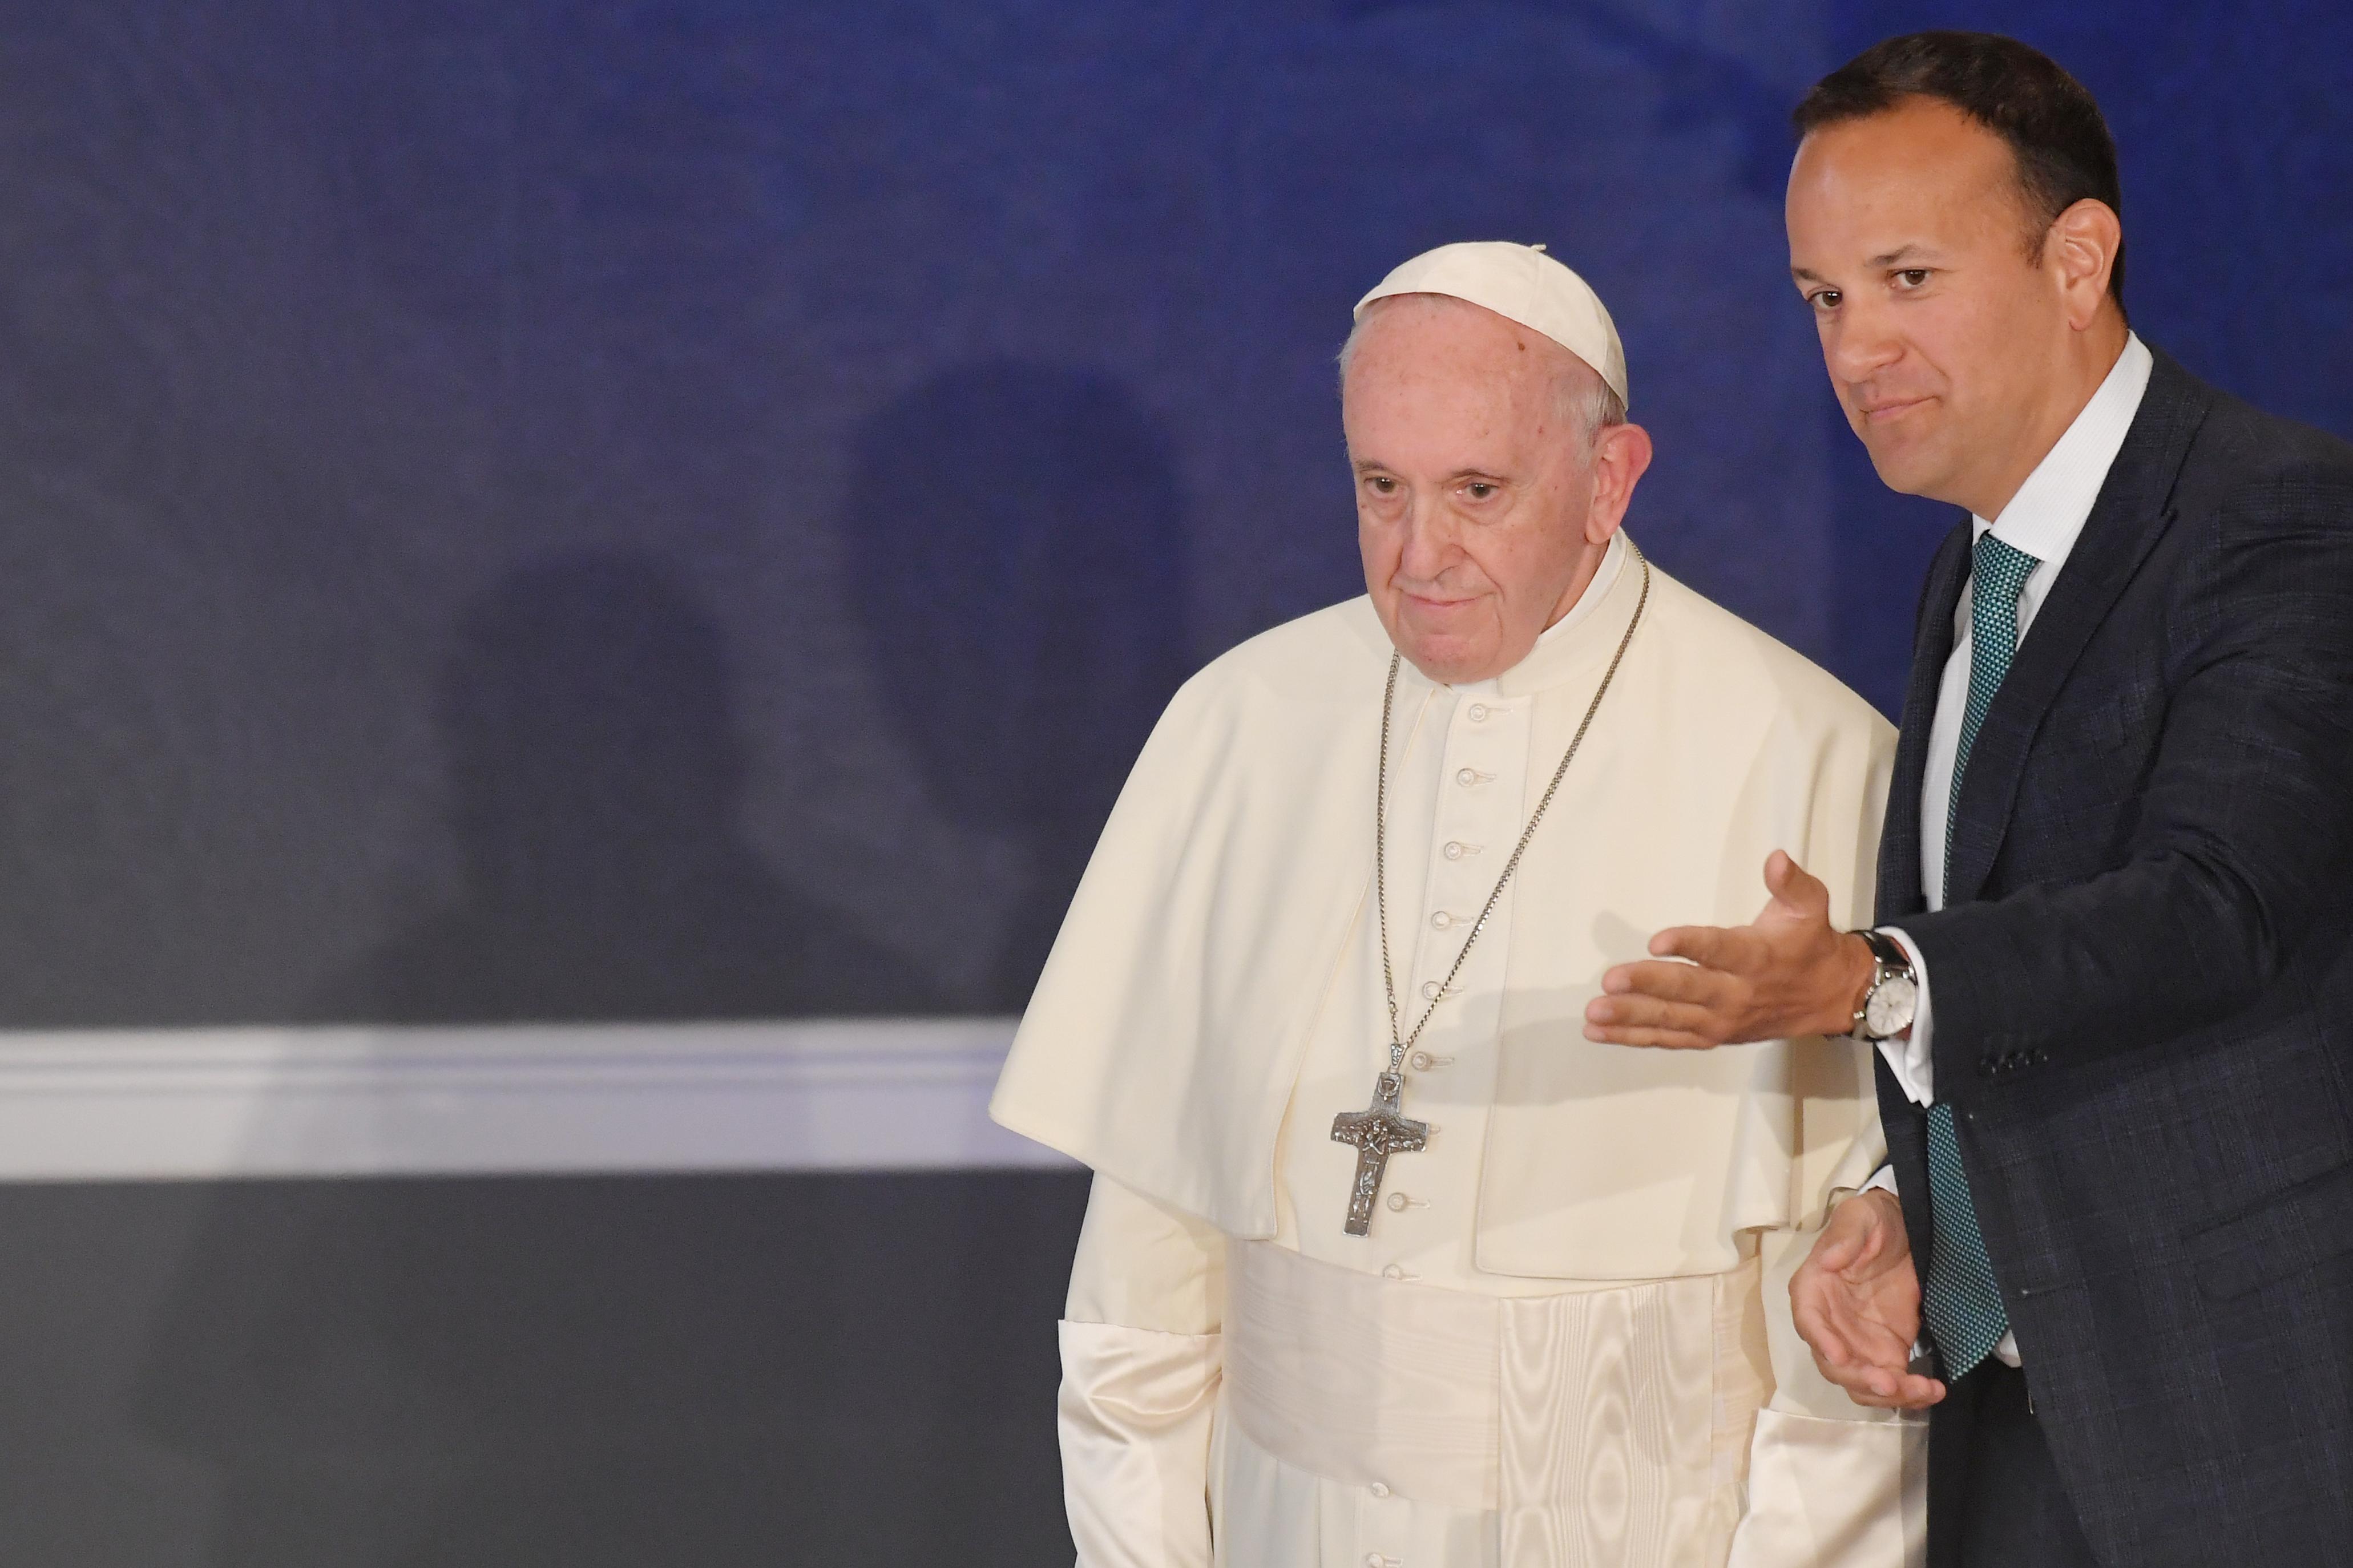 Nyolc, egyházi személyek által elkövetett szexuális erőszak áldozatával is találkozott Ferenc pápa Írországban